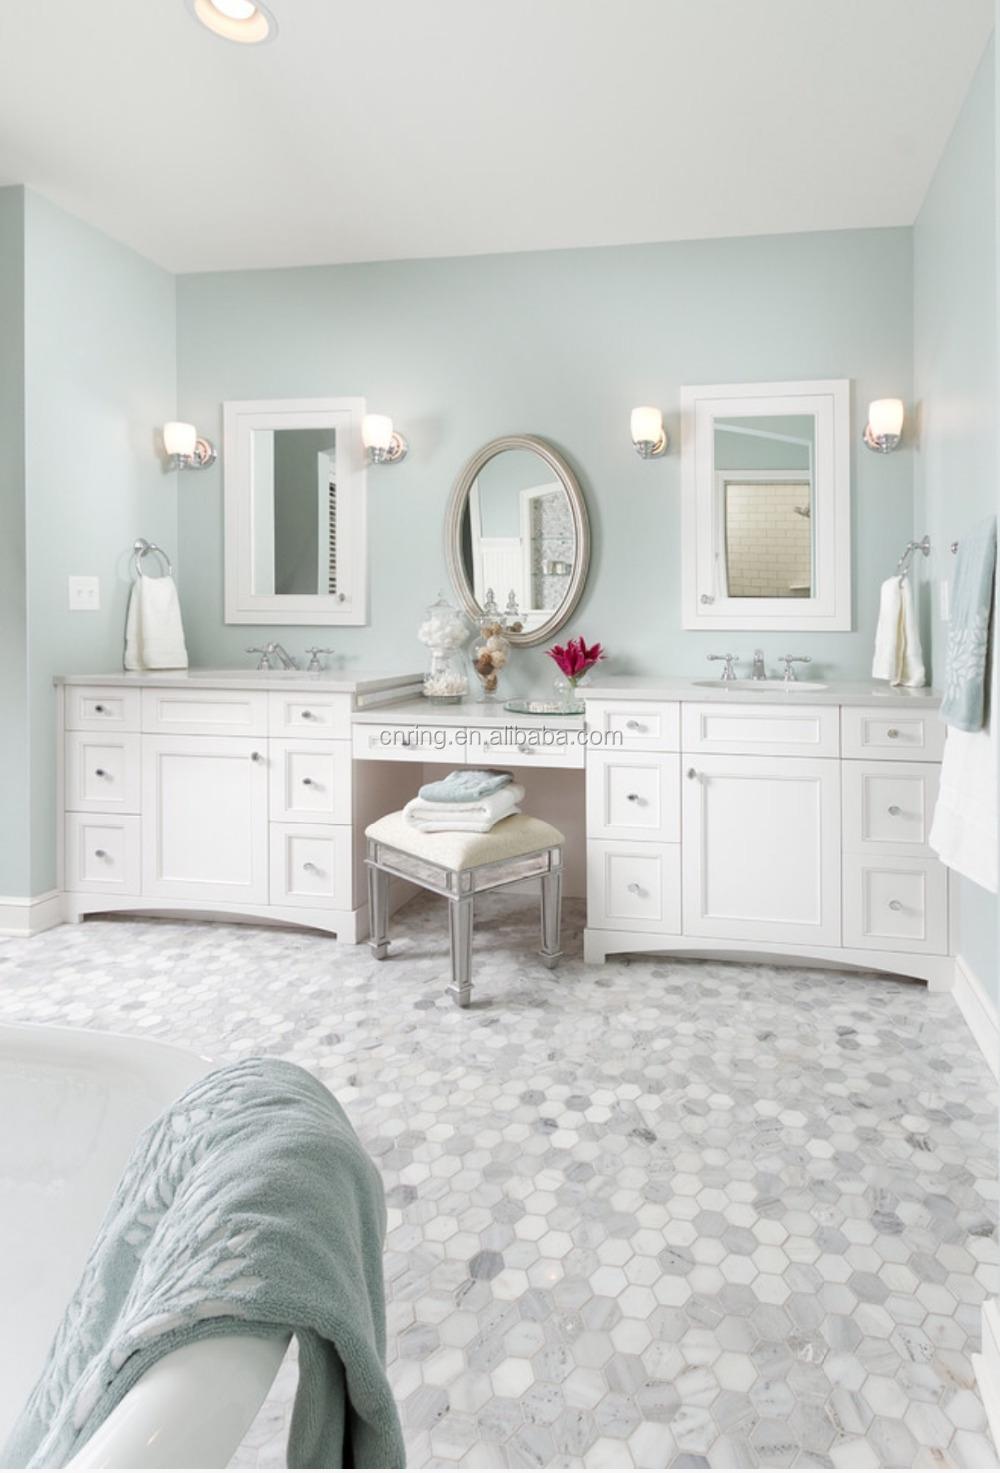 design de luxe salle de bain armoire semi fini meubles usine prix sans empreinte digitale buy armoire de toilette meubles design meubles semi finis